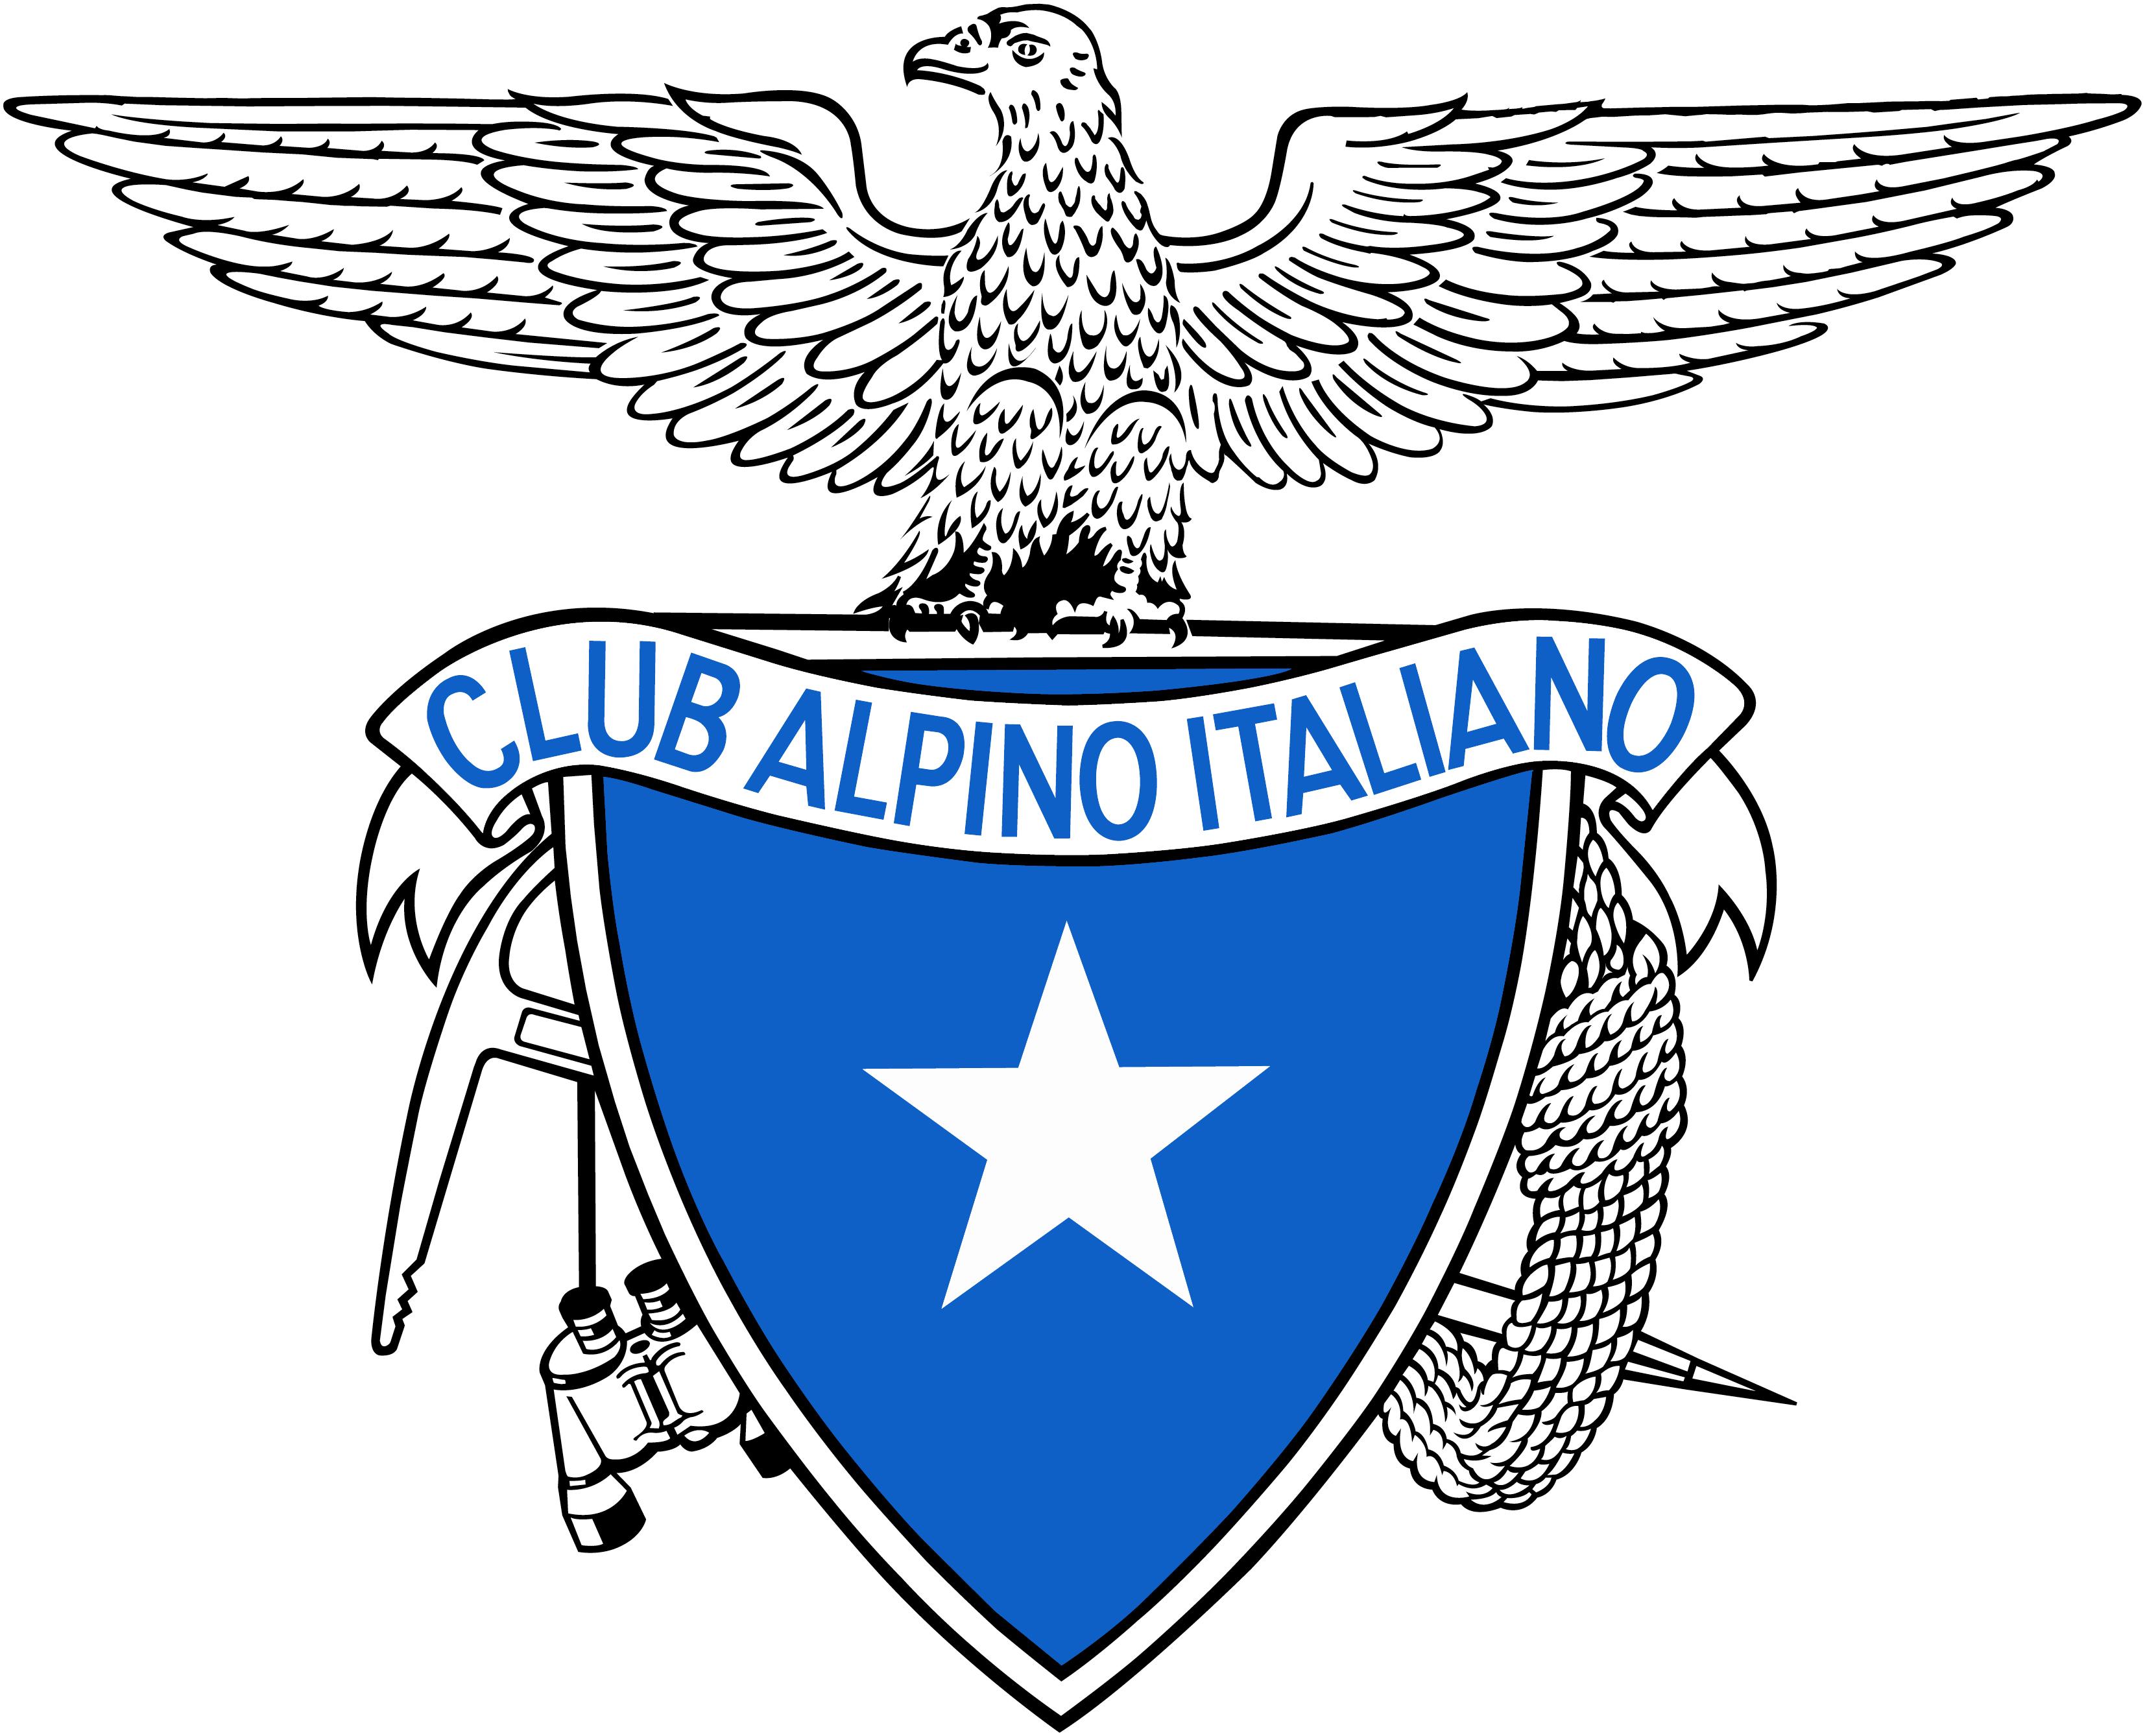 Cai_Club_Alpino_Italiano_Stemma copia